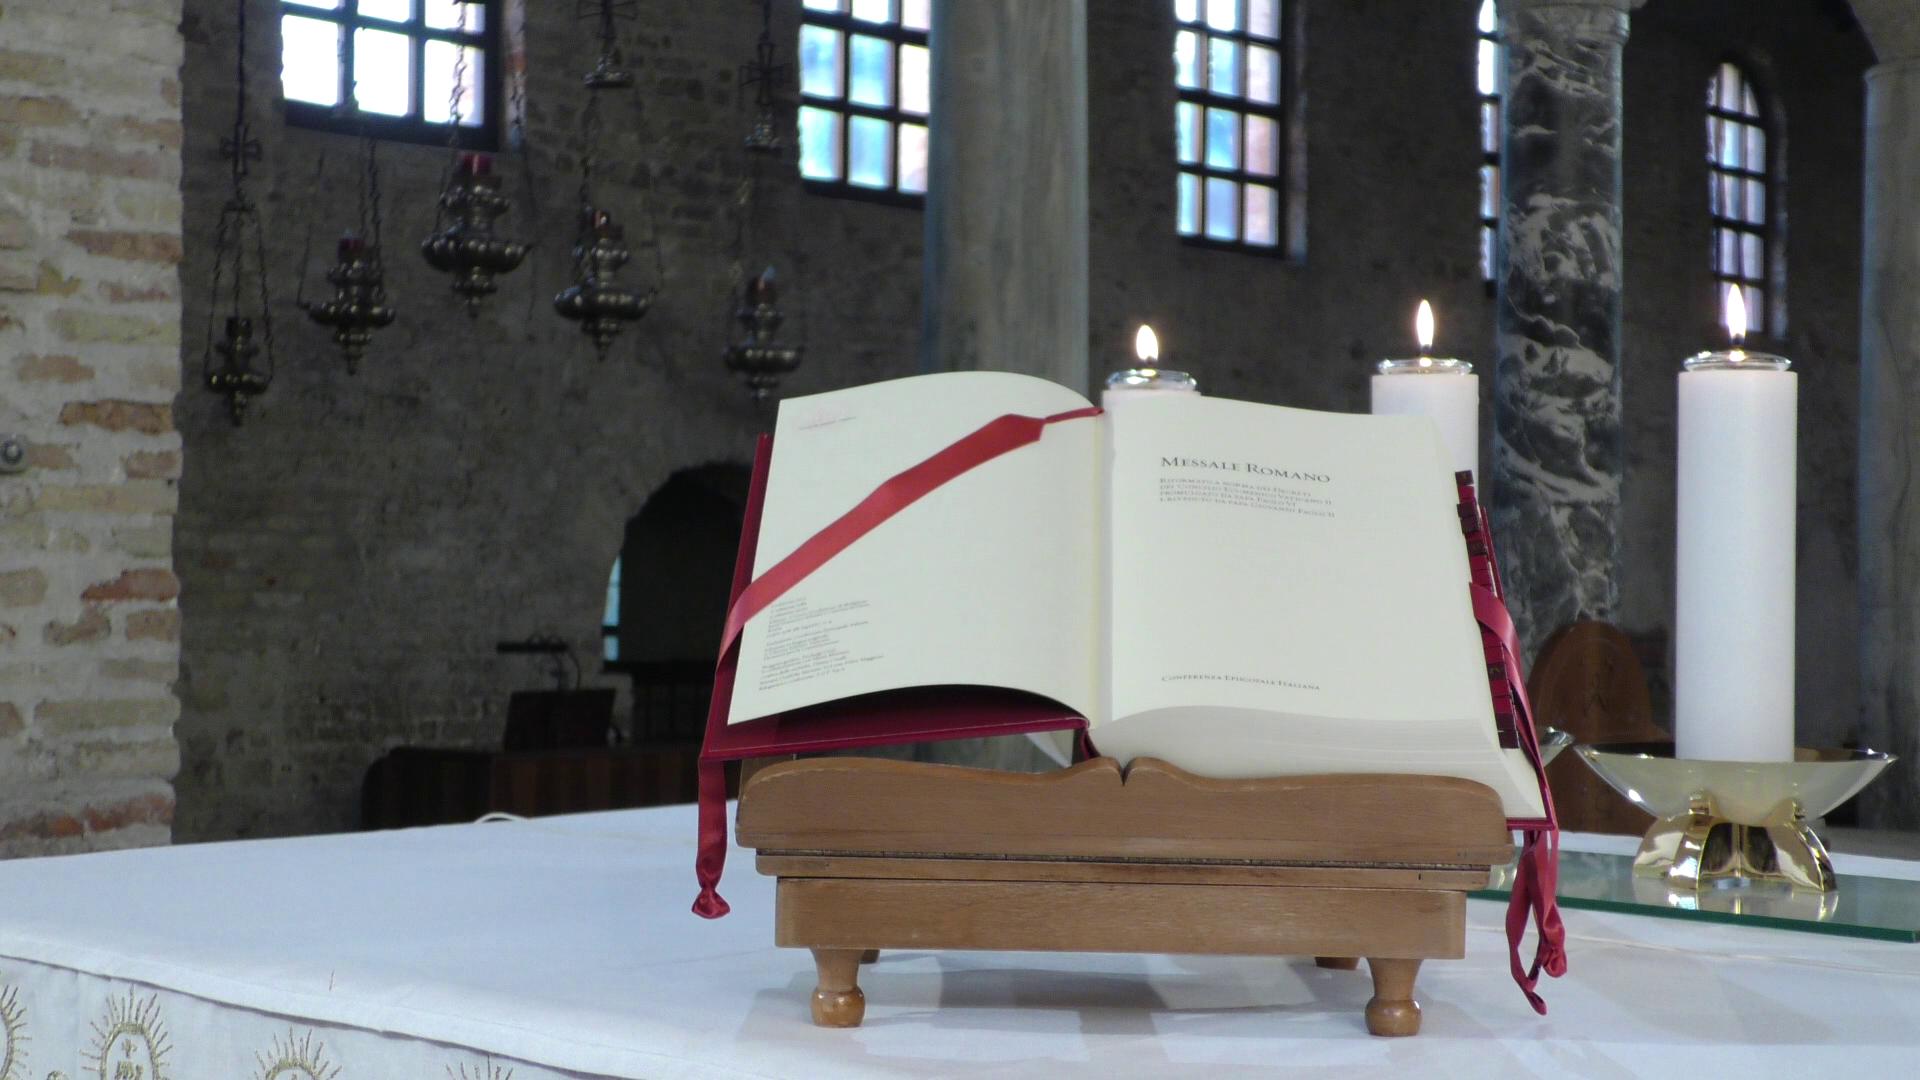 Immagine per In vigore da oggi la terza edizione del Messale Italiano, le novità dal Padre Nostro al Gloria